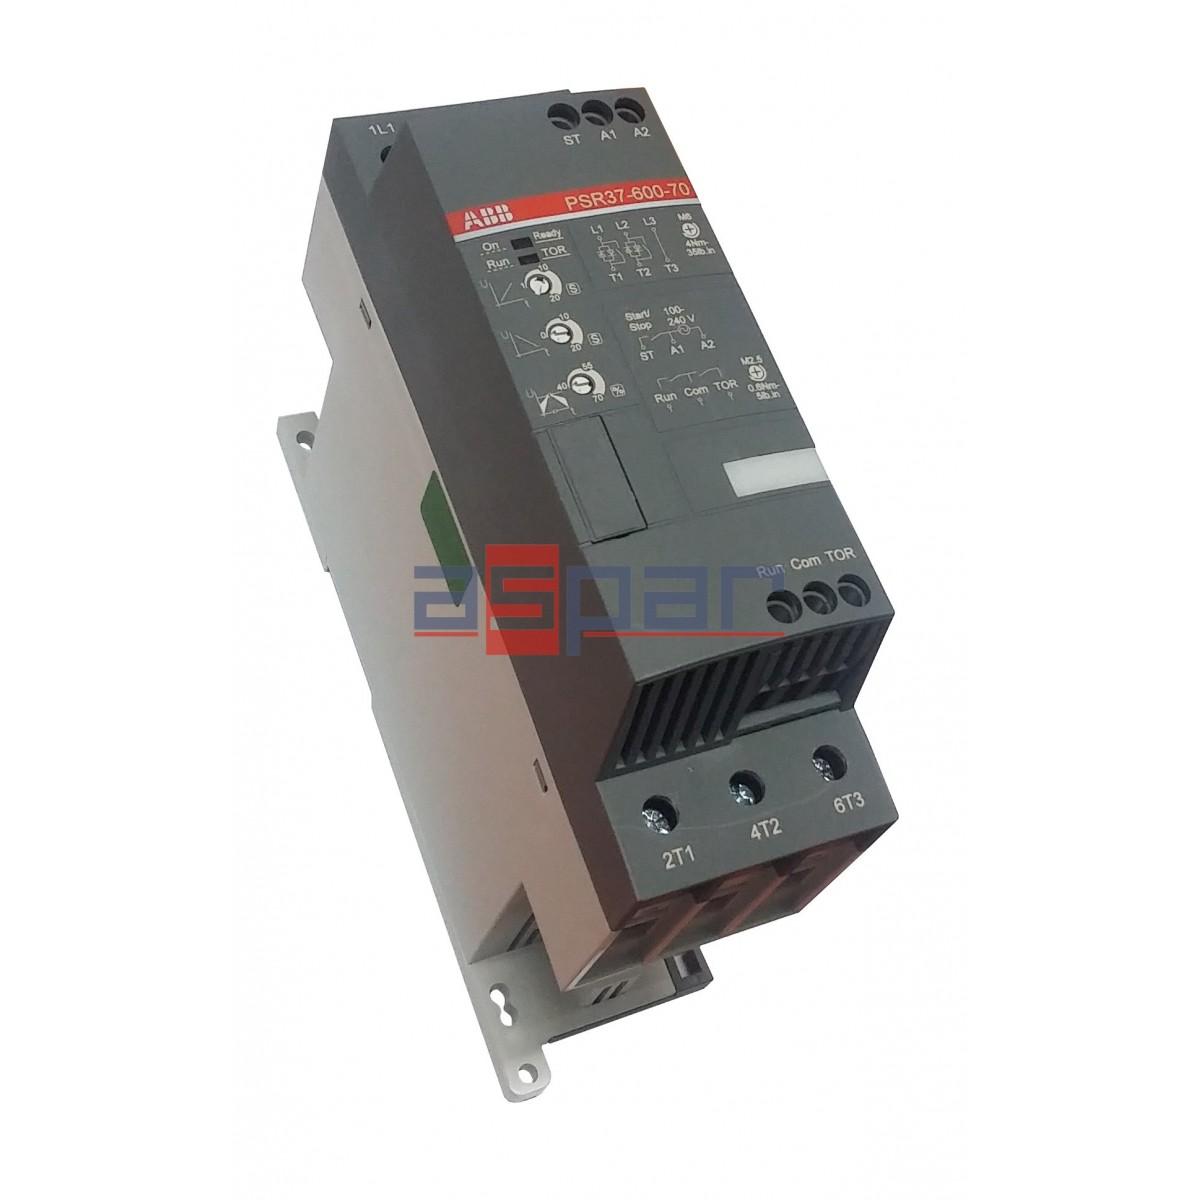 PSR37-600-70, Softstart 18,5kW on